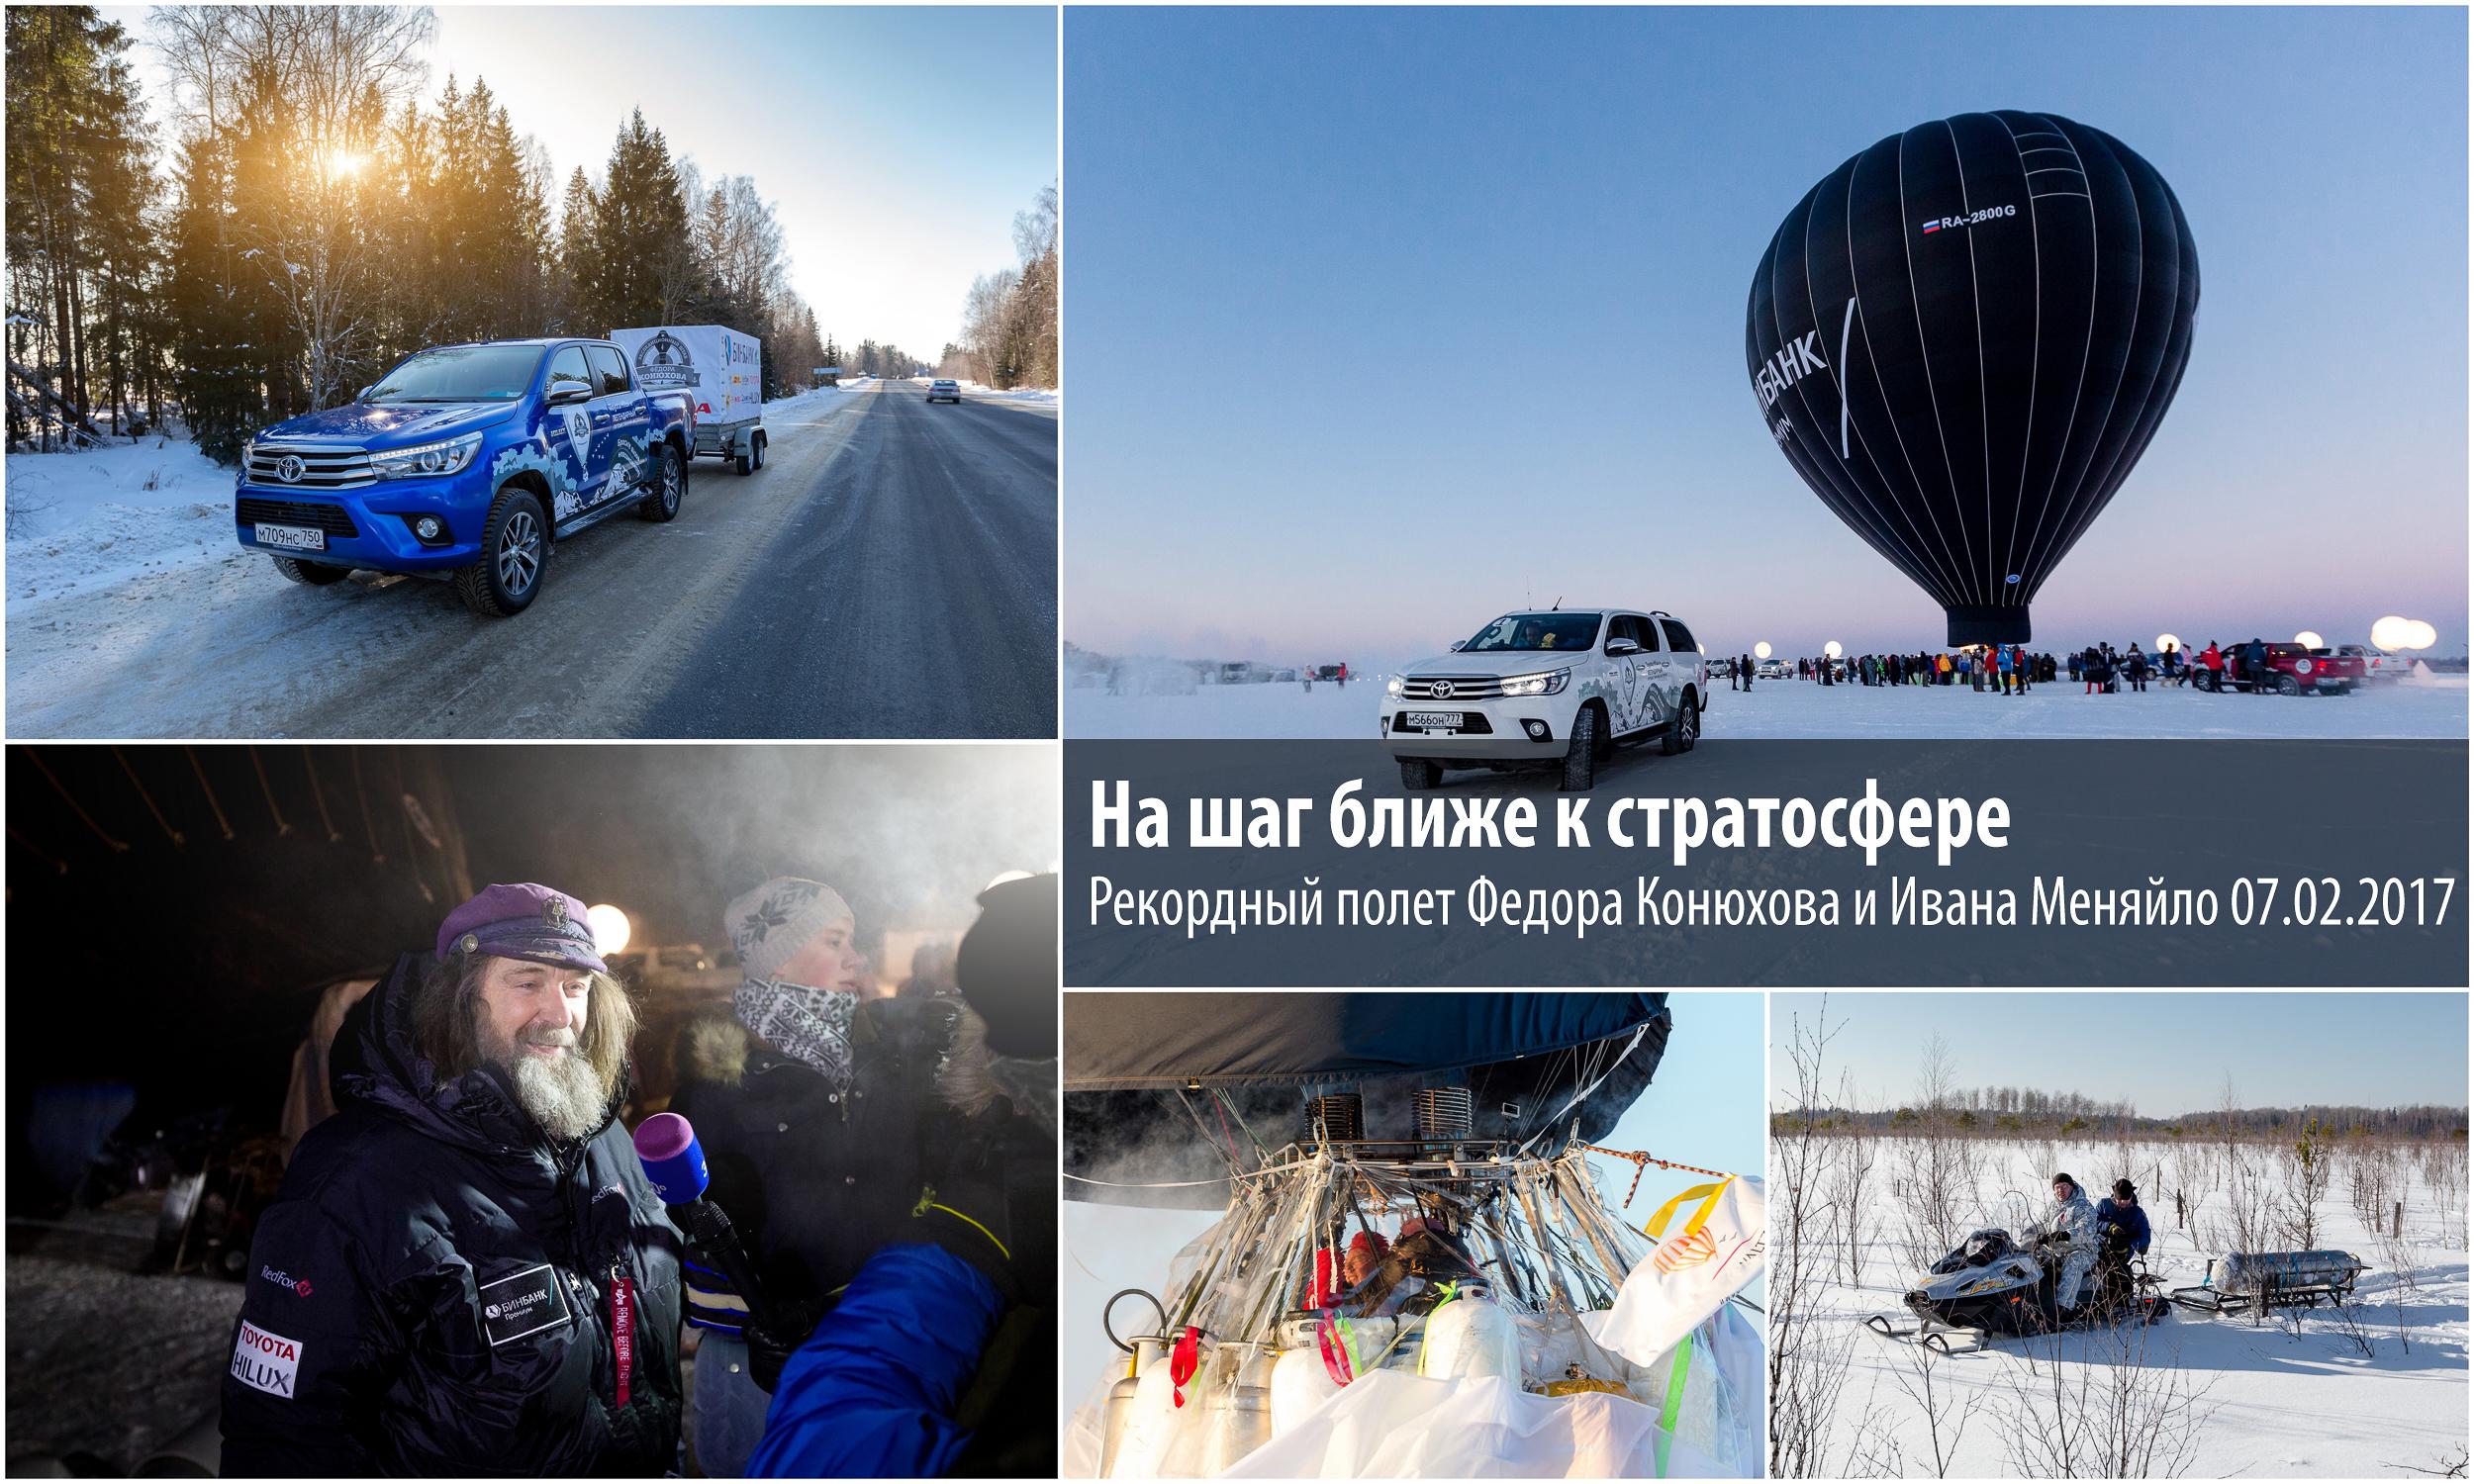 Федор Конюхов, Иван Меняйло, рекорд, воздушный шар